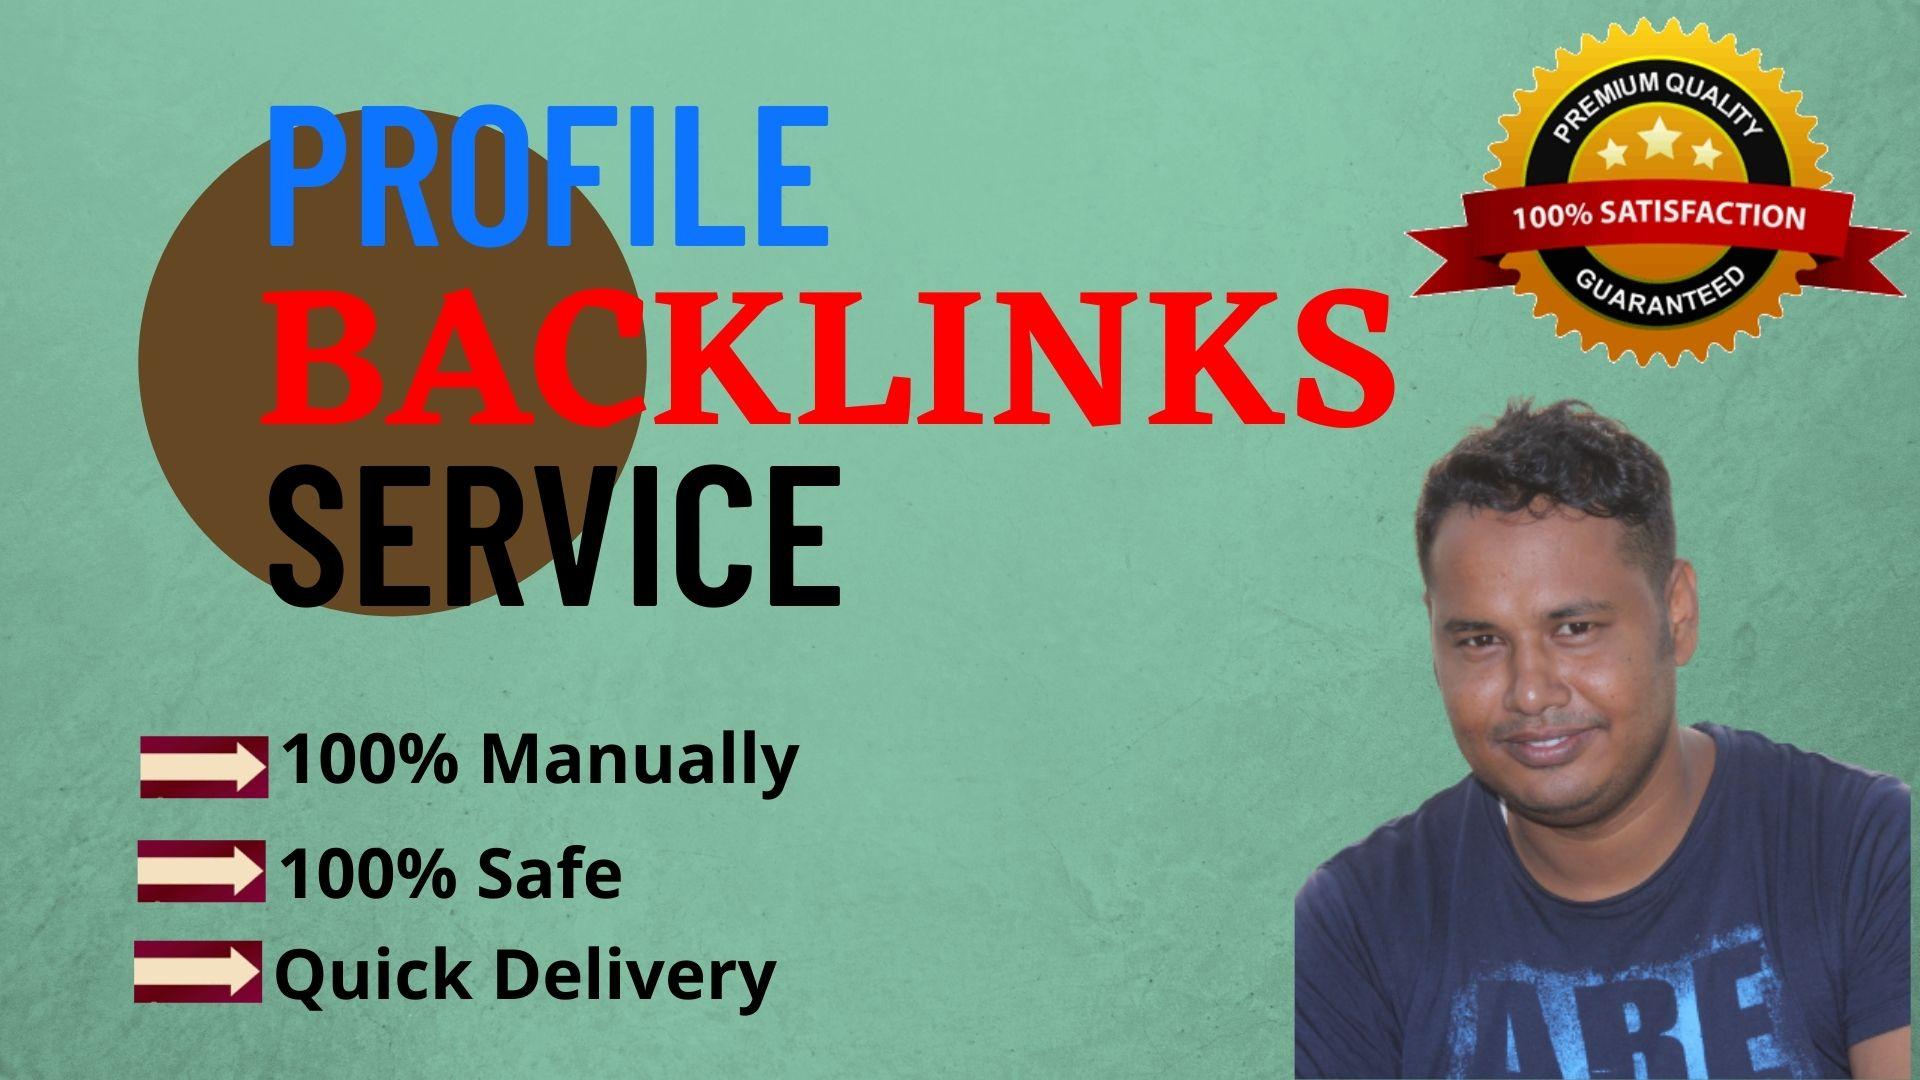 I Will Manually Provide 100 Dofollow Profile Backlinks